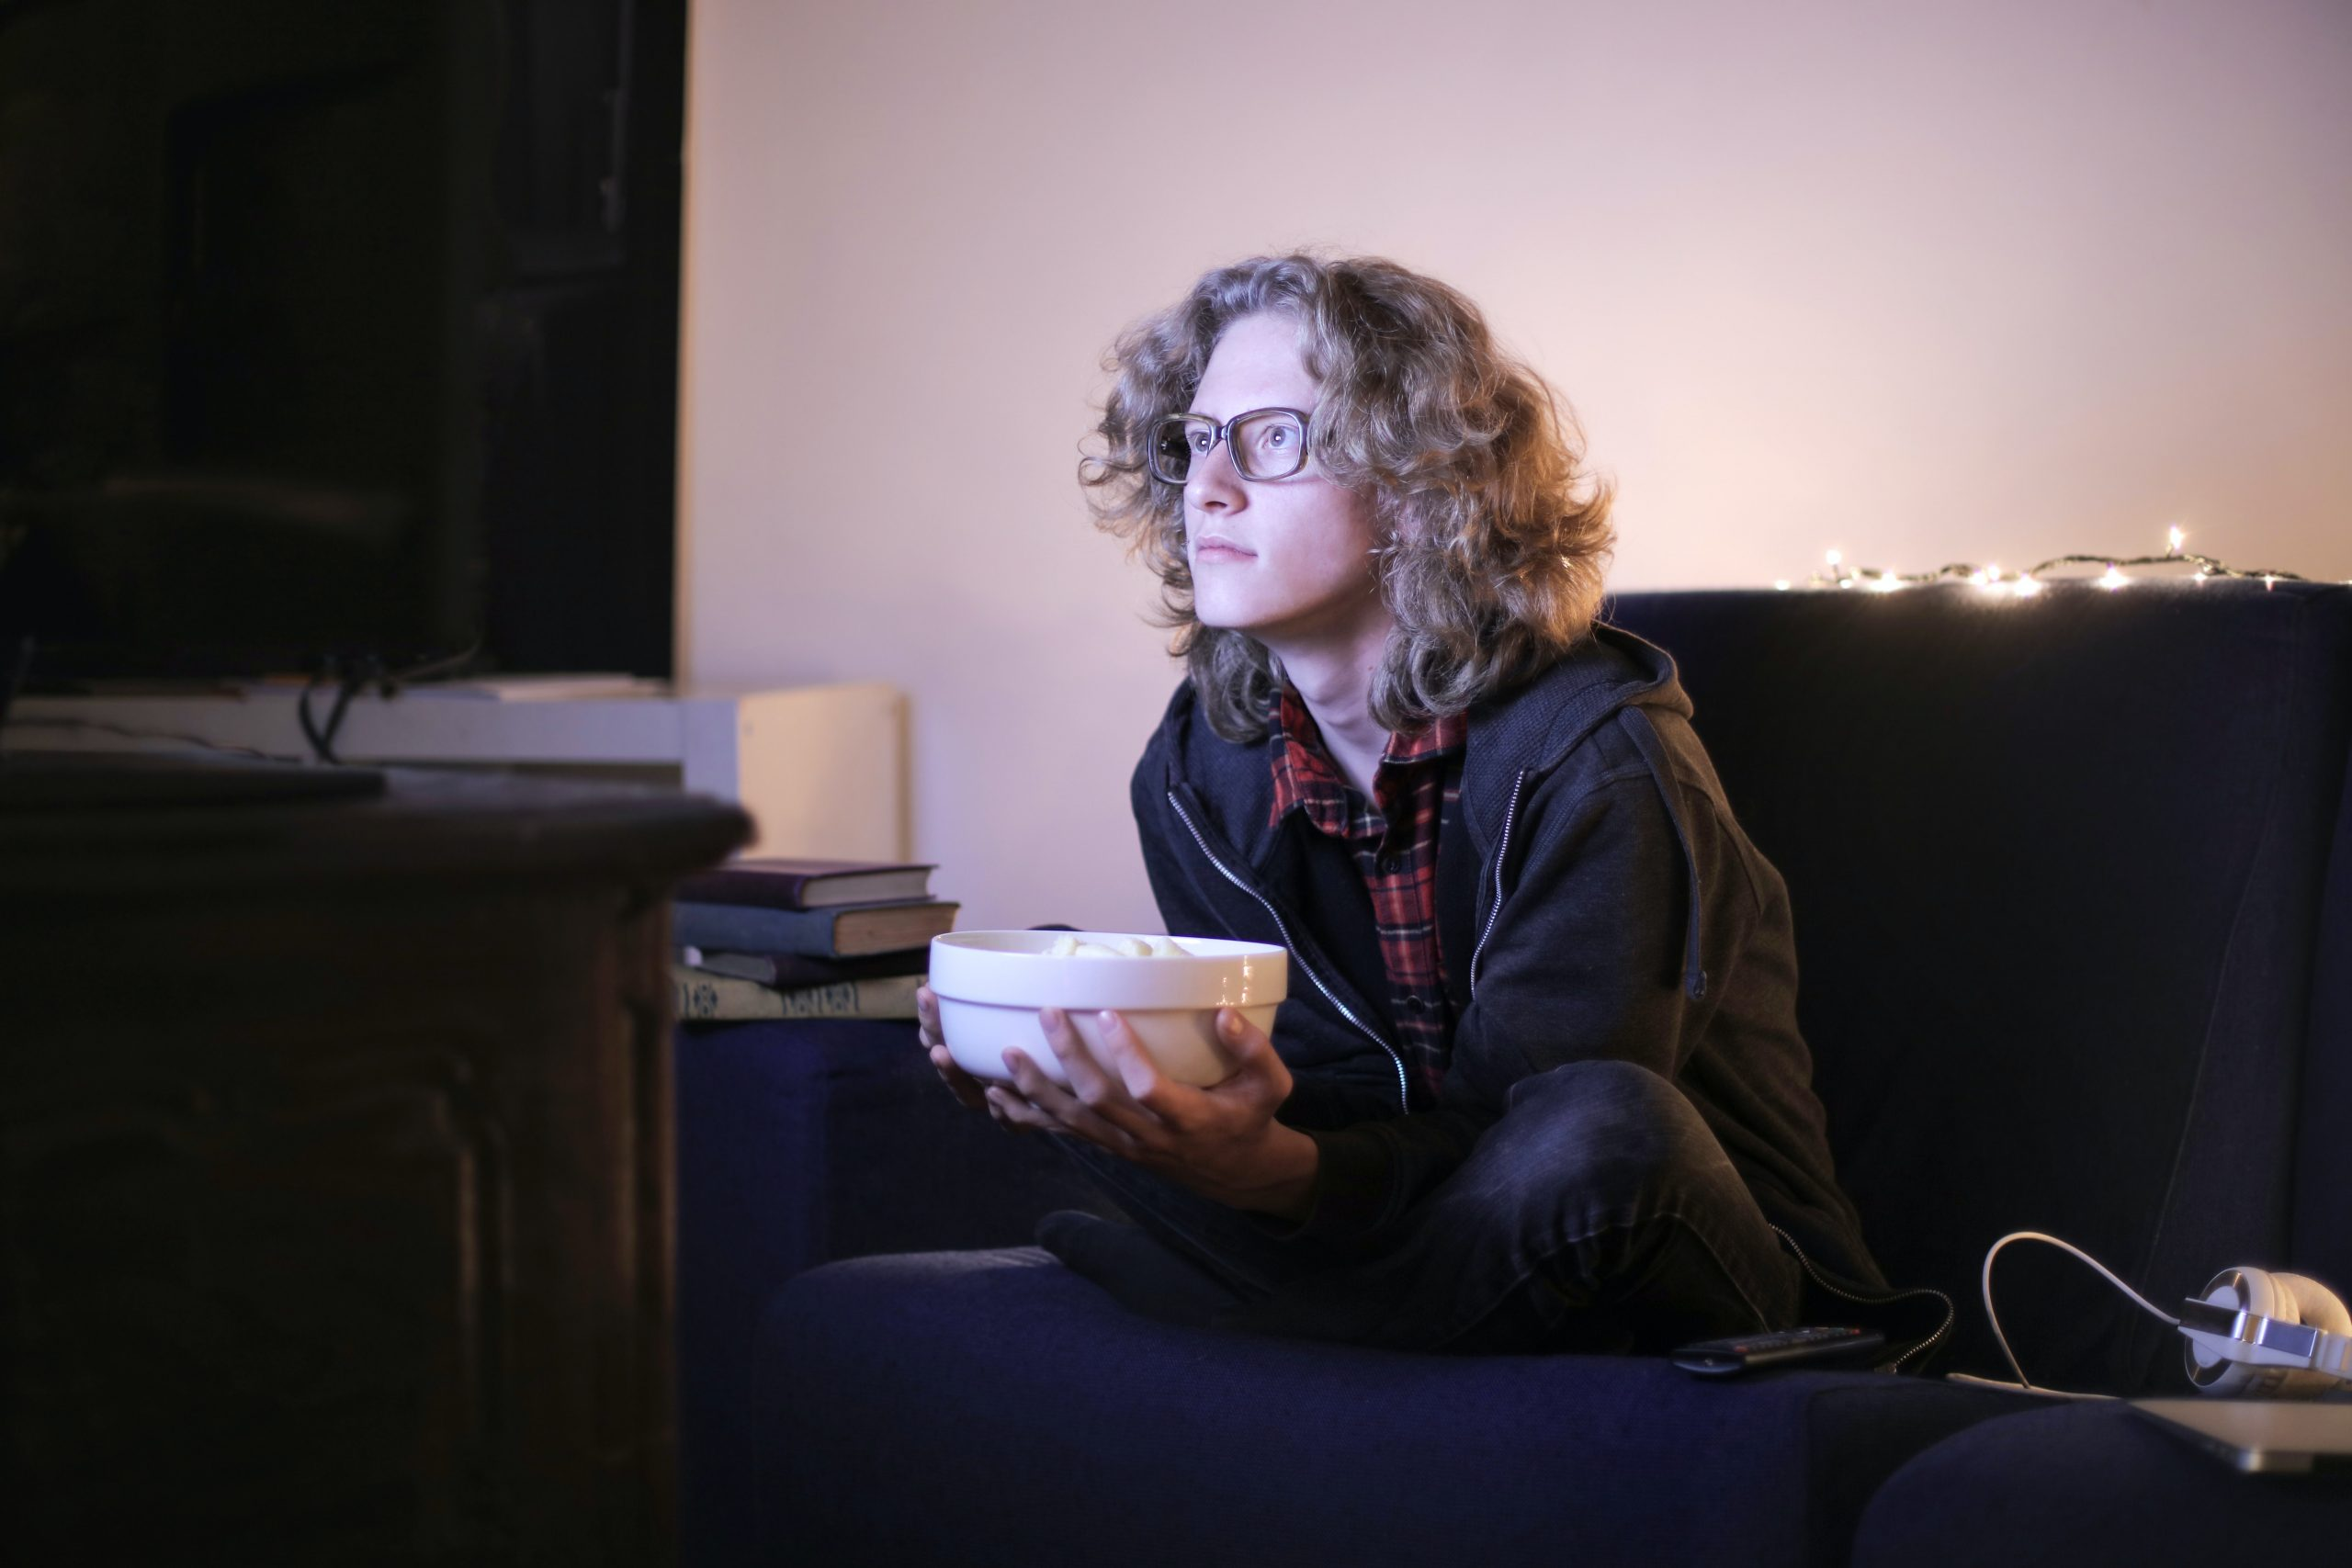 Gazetecilikle ilgili izlenmesi gereken 14 film